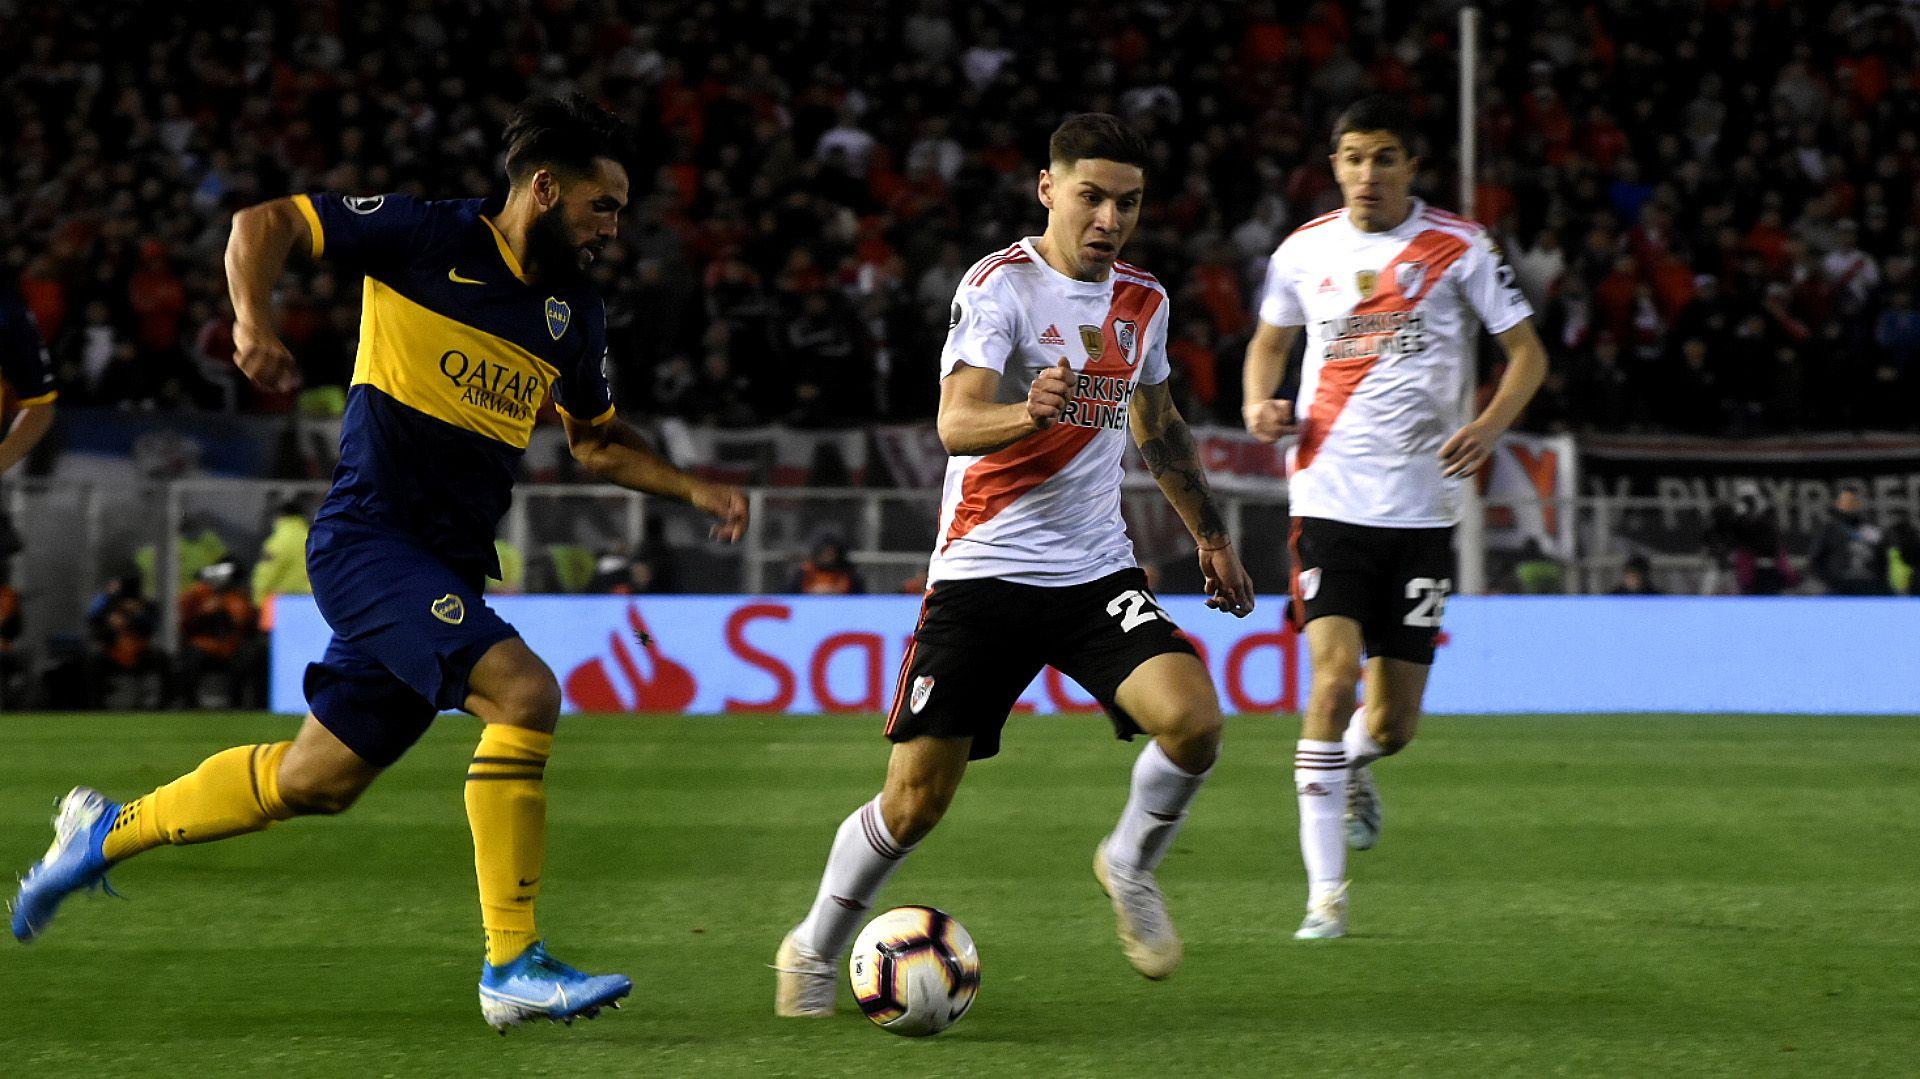 Boca y River se volverán a cruzar por las semifinales de la Libertadores tras el 2-0 del equipo de Gallardo en la ida (Nicolás Stulberg)